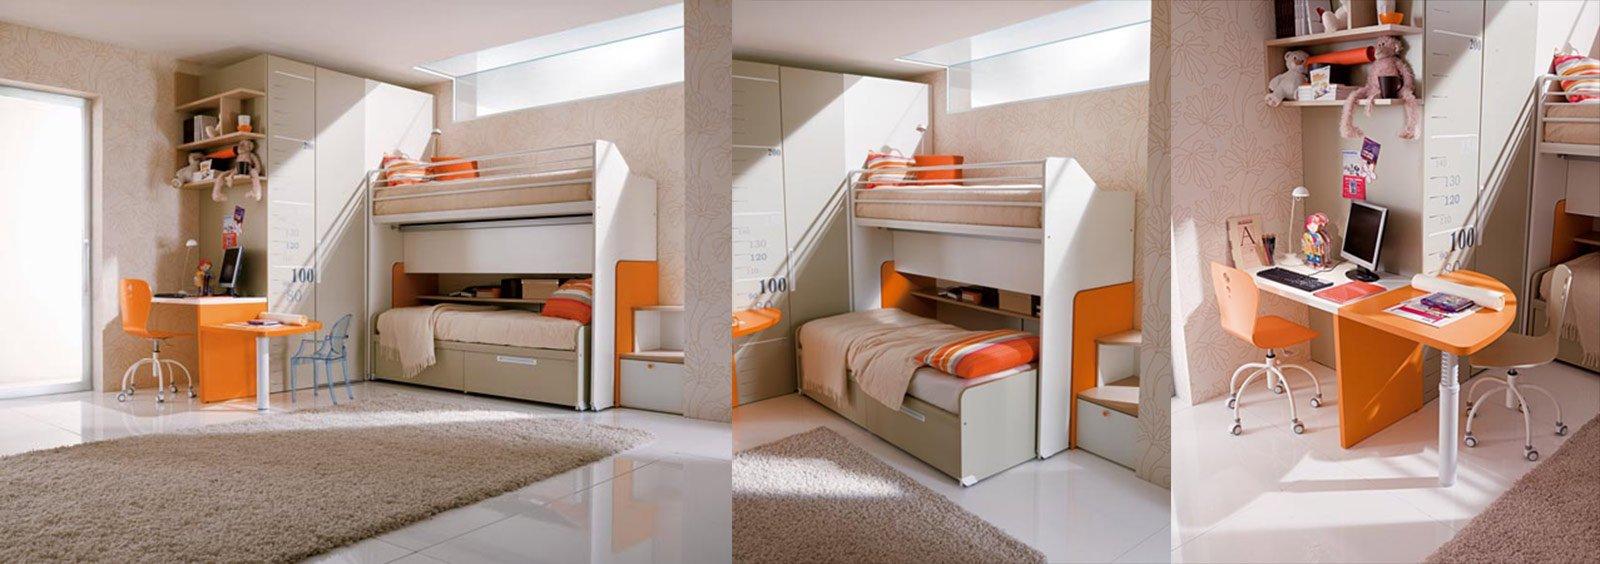 Camerette salvaspazio cose di casa for Piccoli piani di casa cabina di log